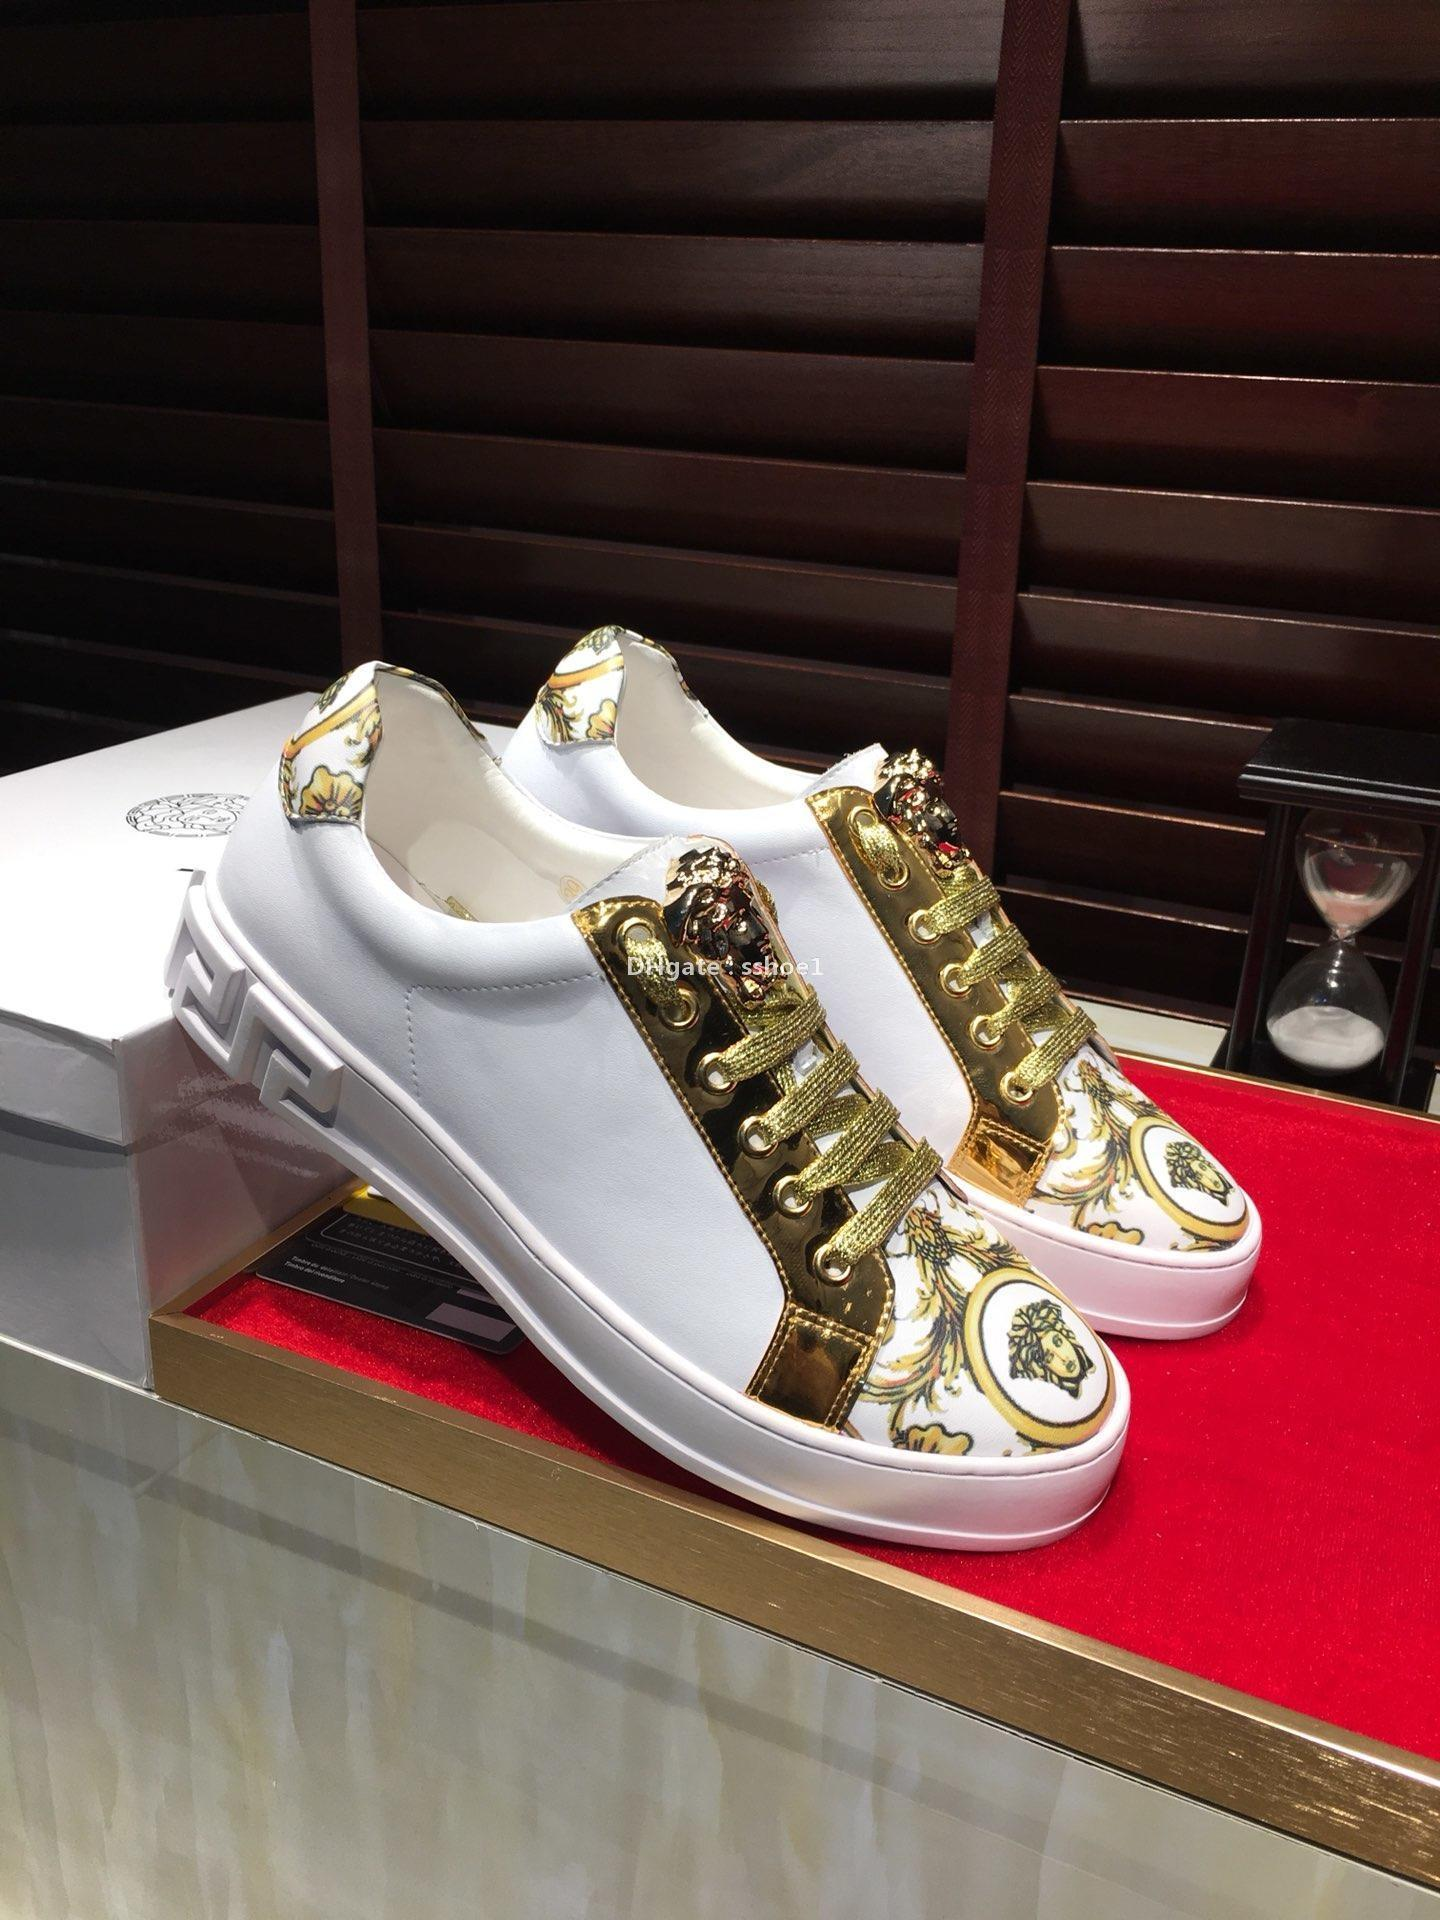 piane 2020-2019k primavera e l'estate scarpe nuove tendenza bianche da uomo, scarpe sportive di tendenza selvatici, in pelle scarpe stringate, imballaggio scatola originale: